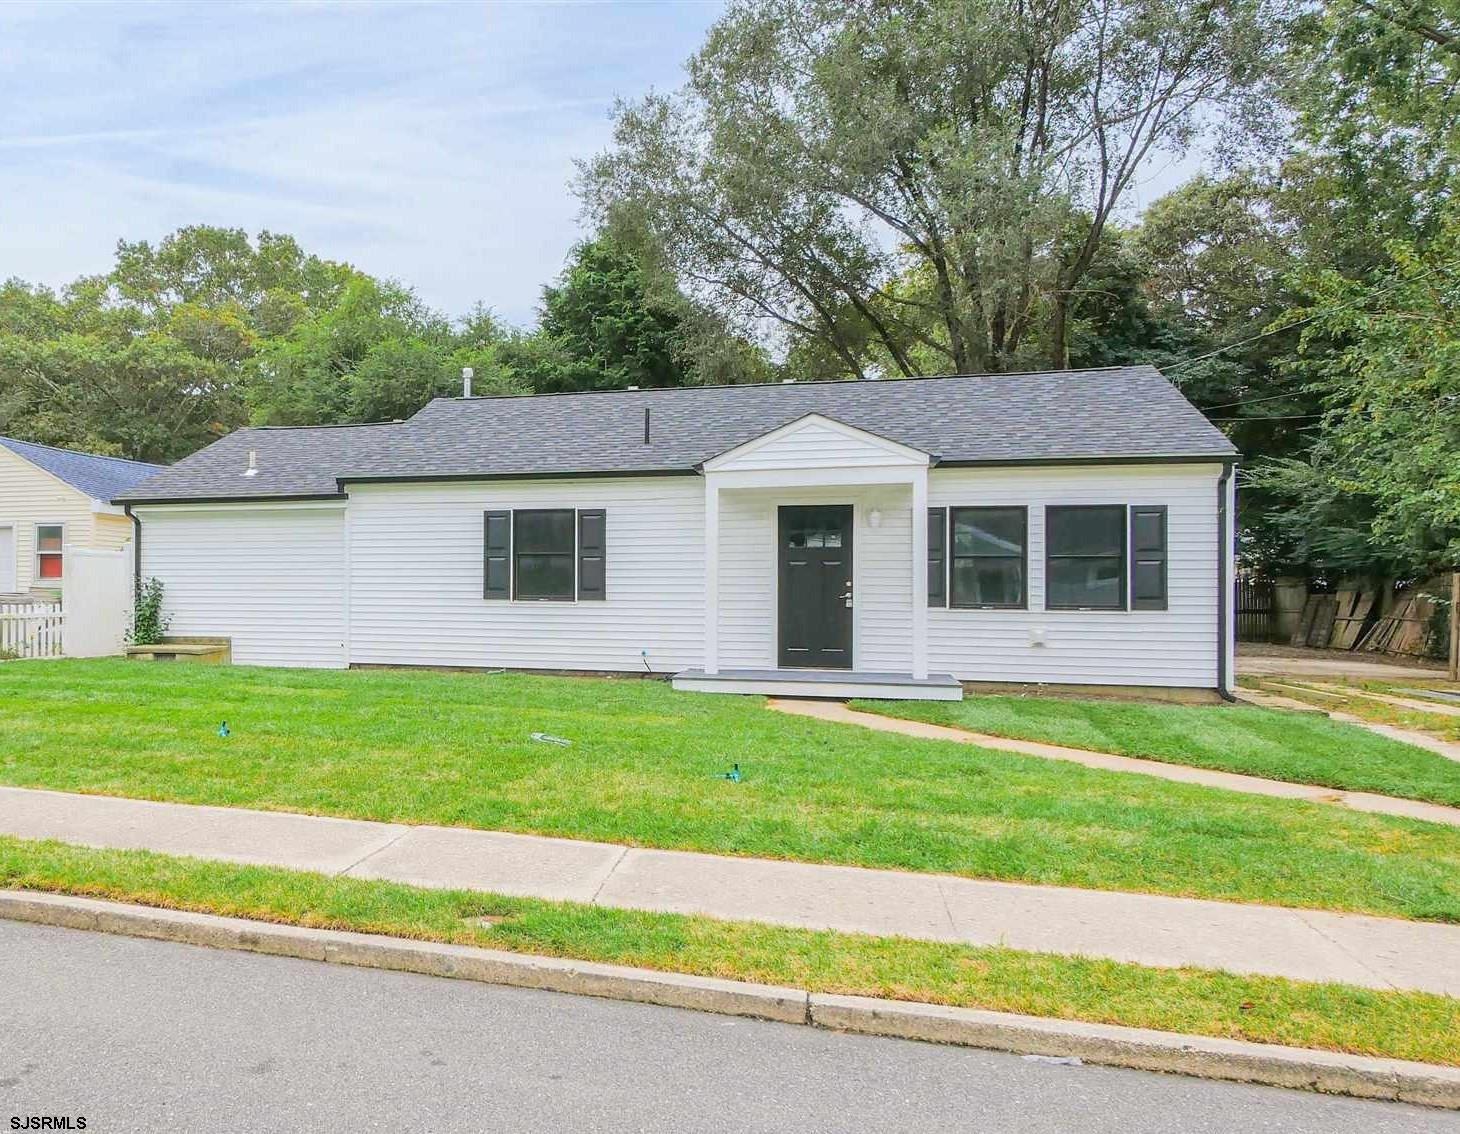 303 Haines, Linwood, NJ 08221 - #: 556515